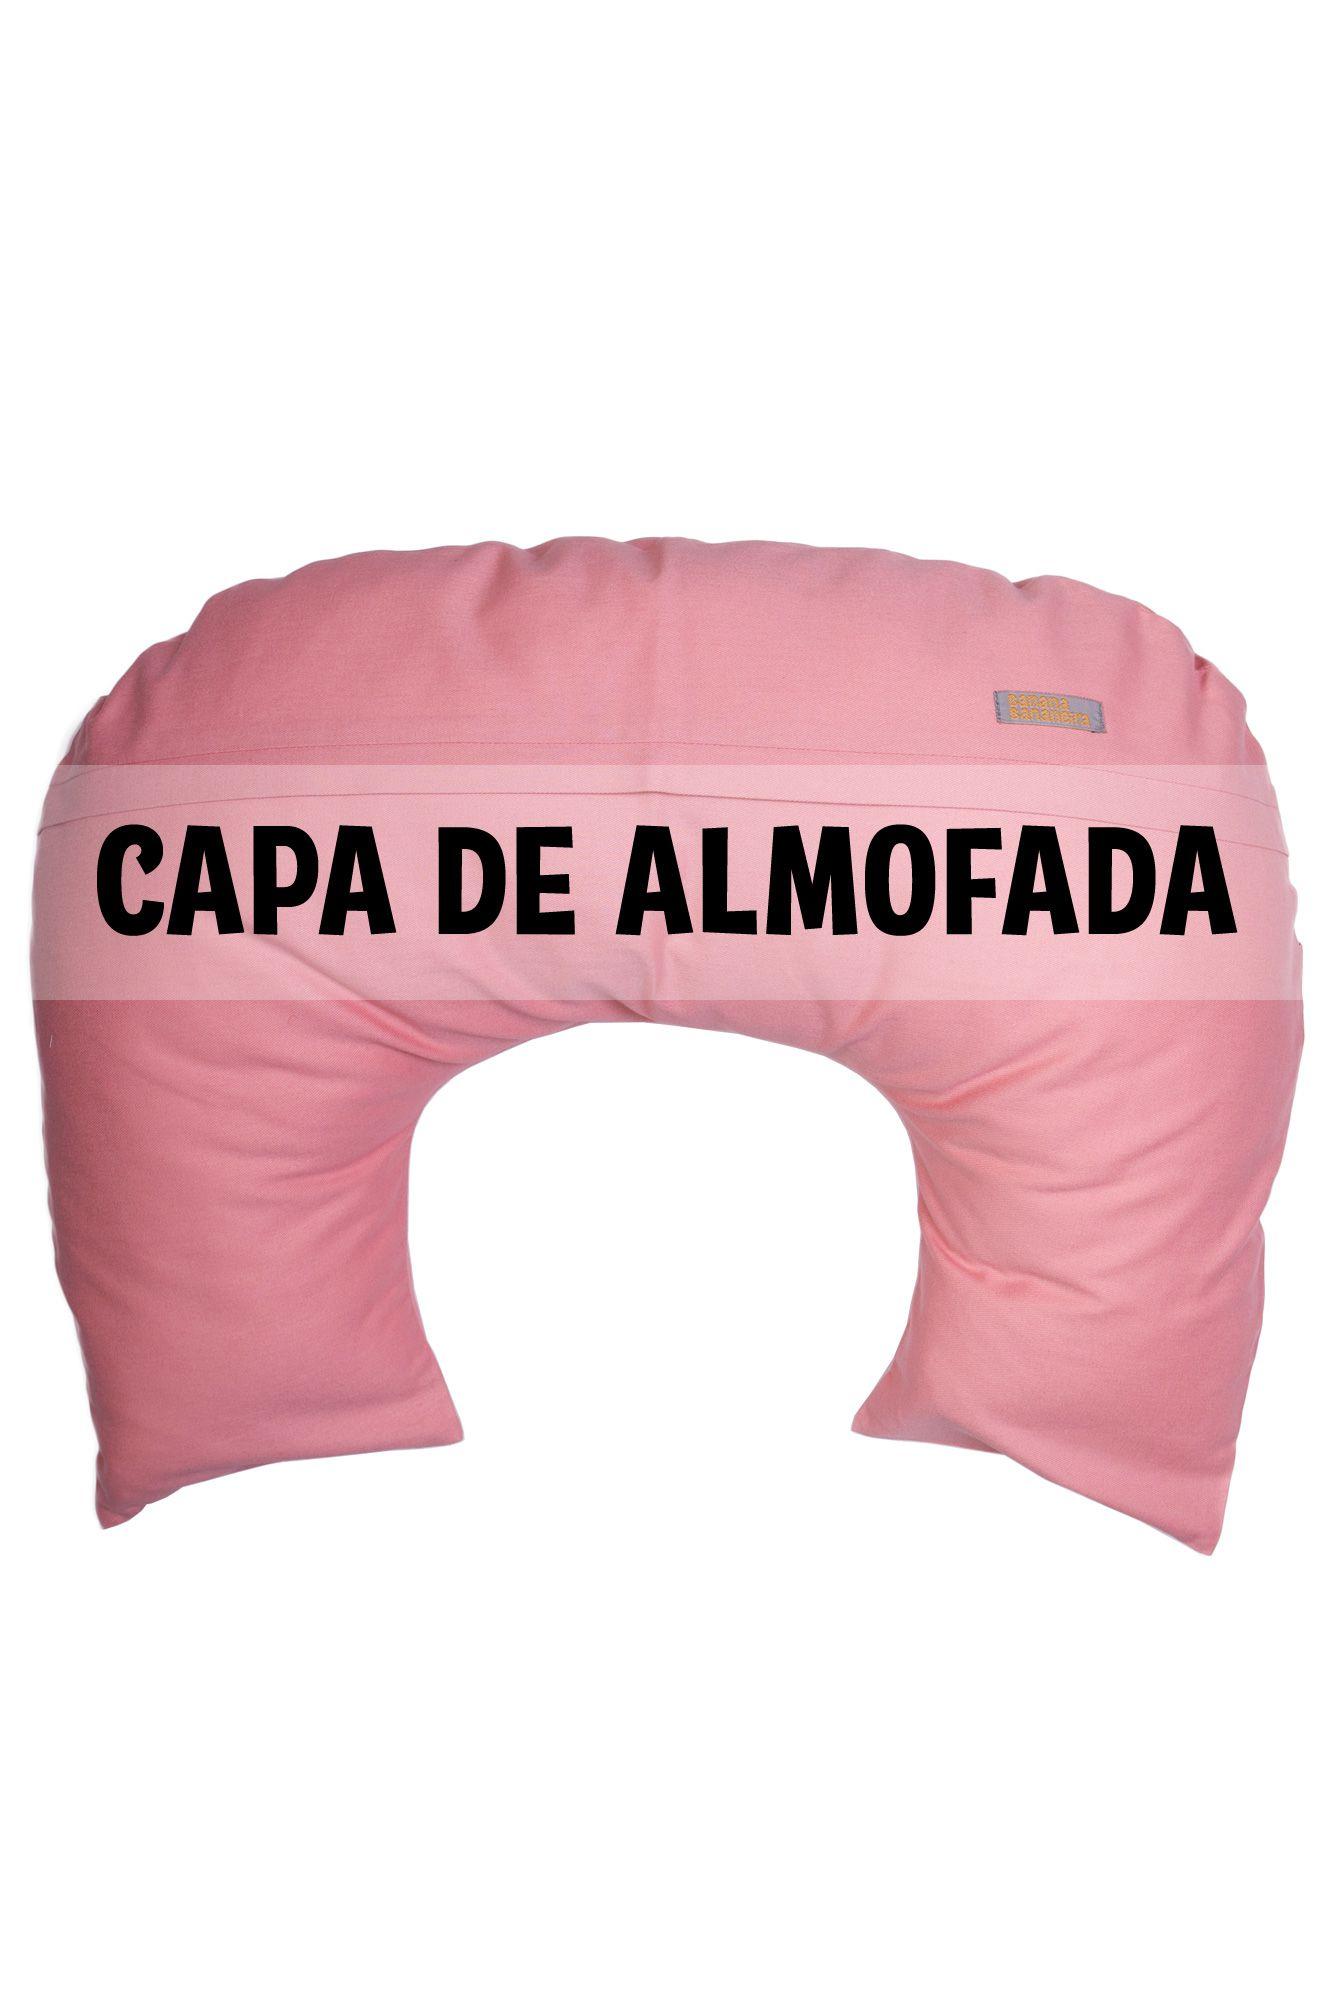 Capa de almofada de amamentação rosa